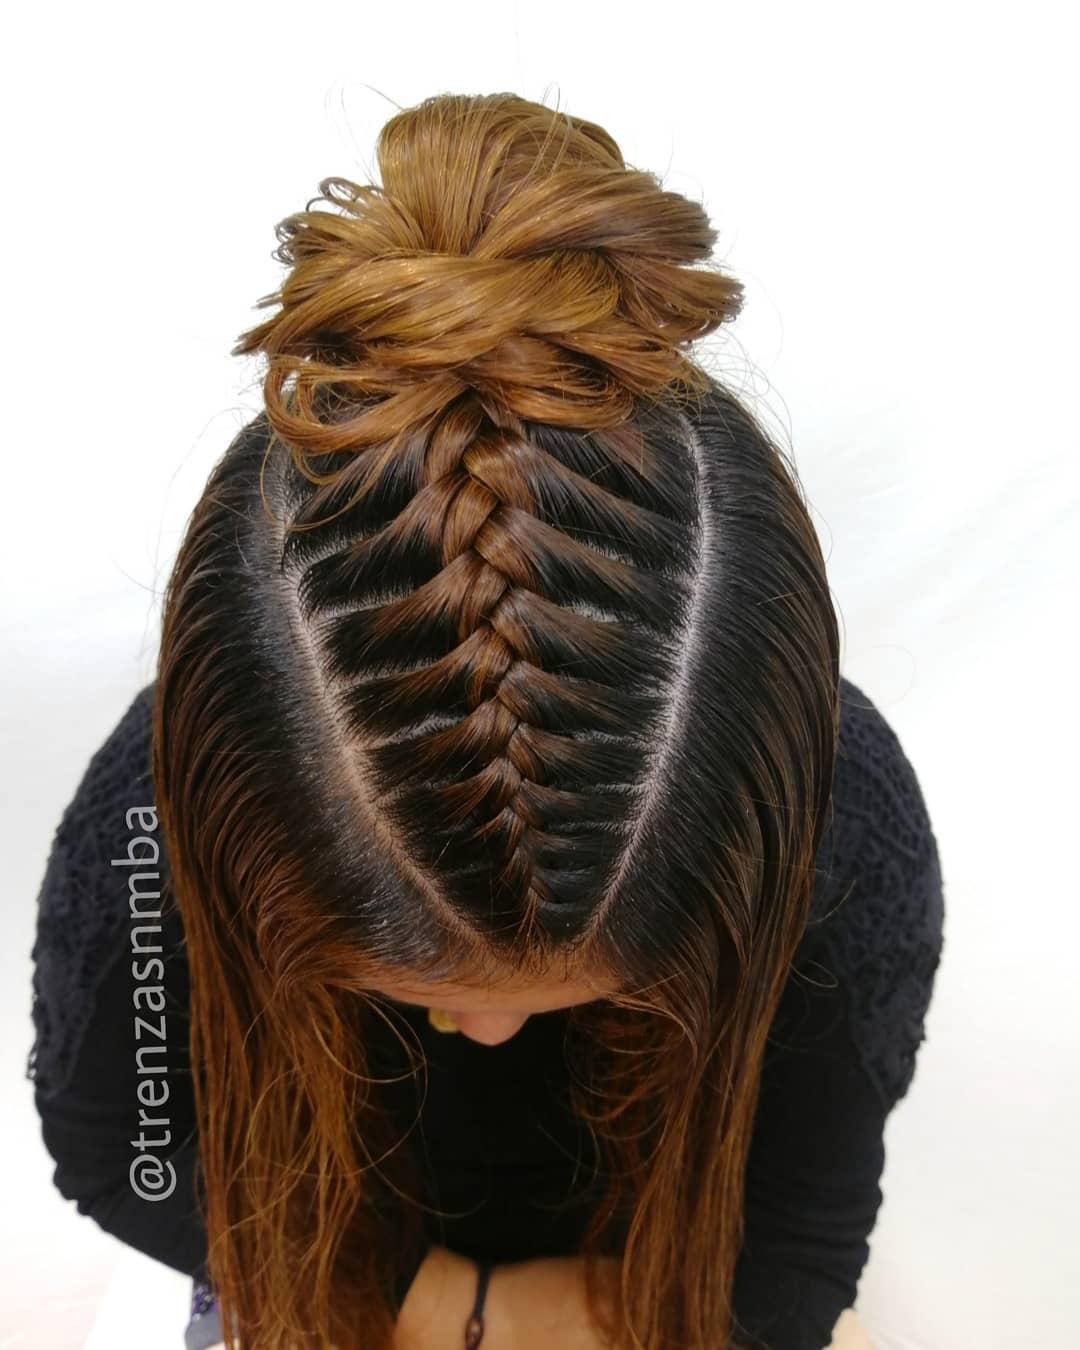 Hola Nuestro Estilo De Hoy ♥️🌹 Hermosa Hairstylesforgirls - Hairstyles For Girls